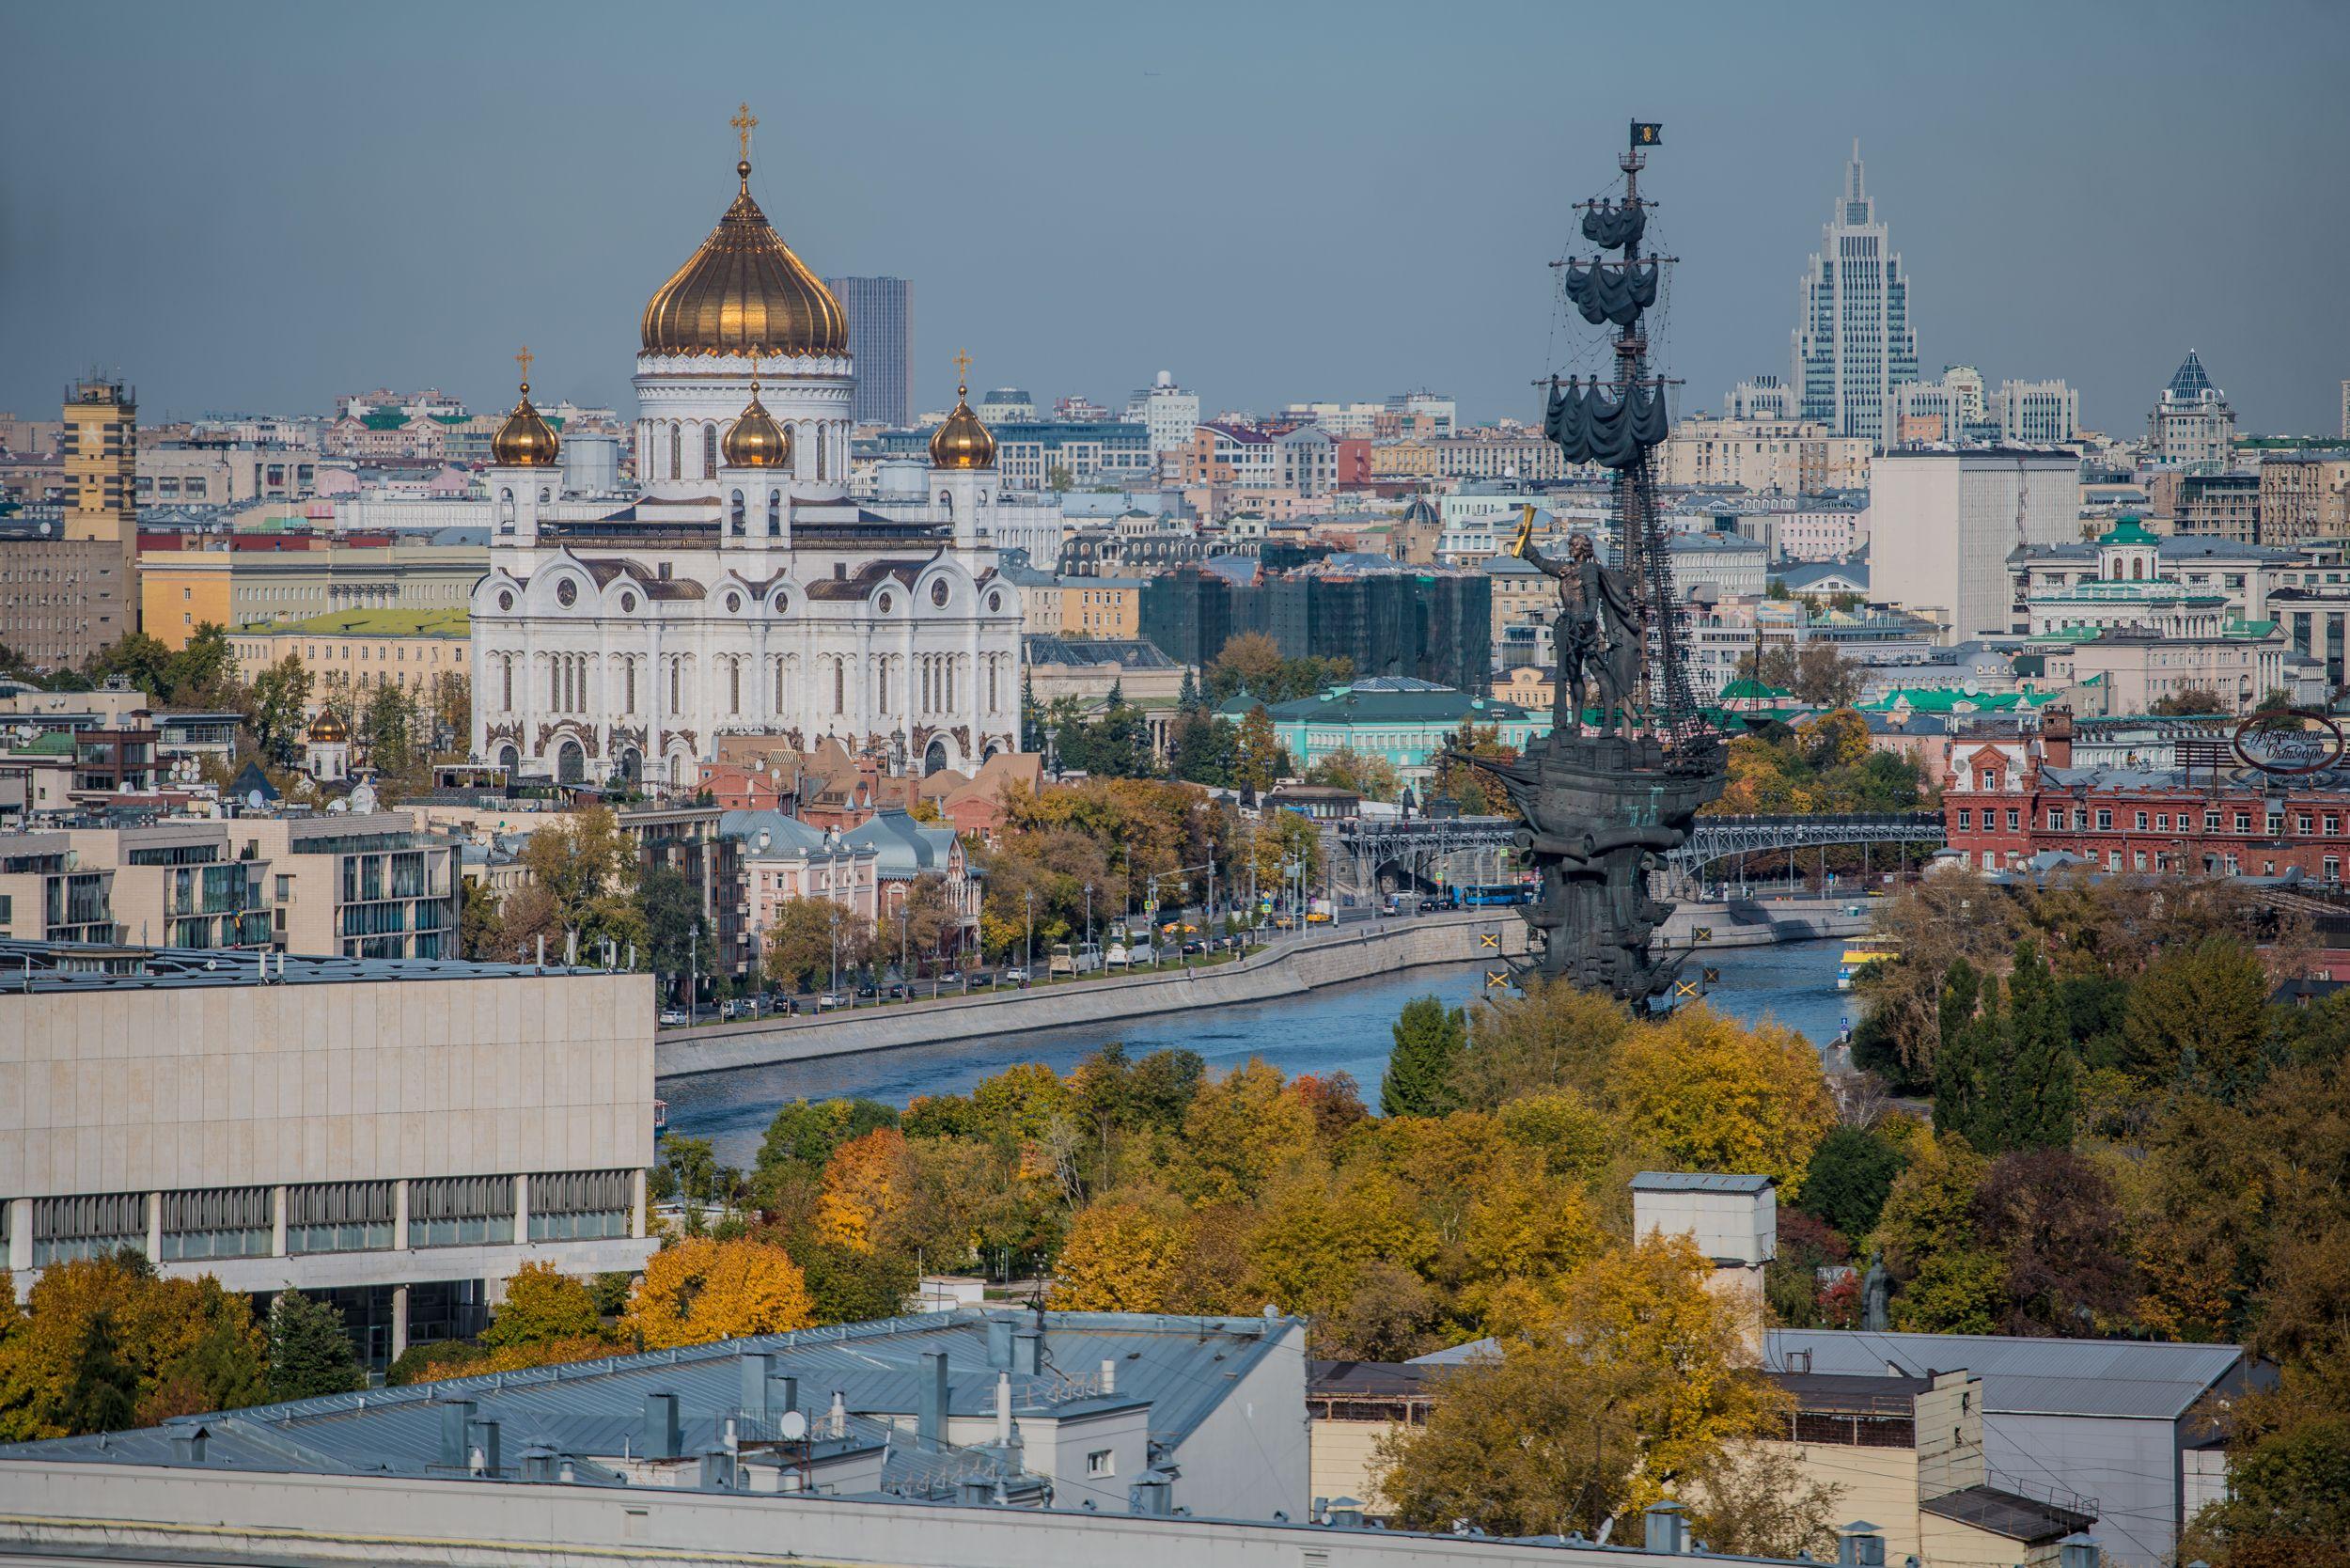 Парк «Музеон» представил фотовыставку работ участников проекта «Узнай Москву»